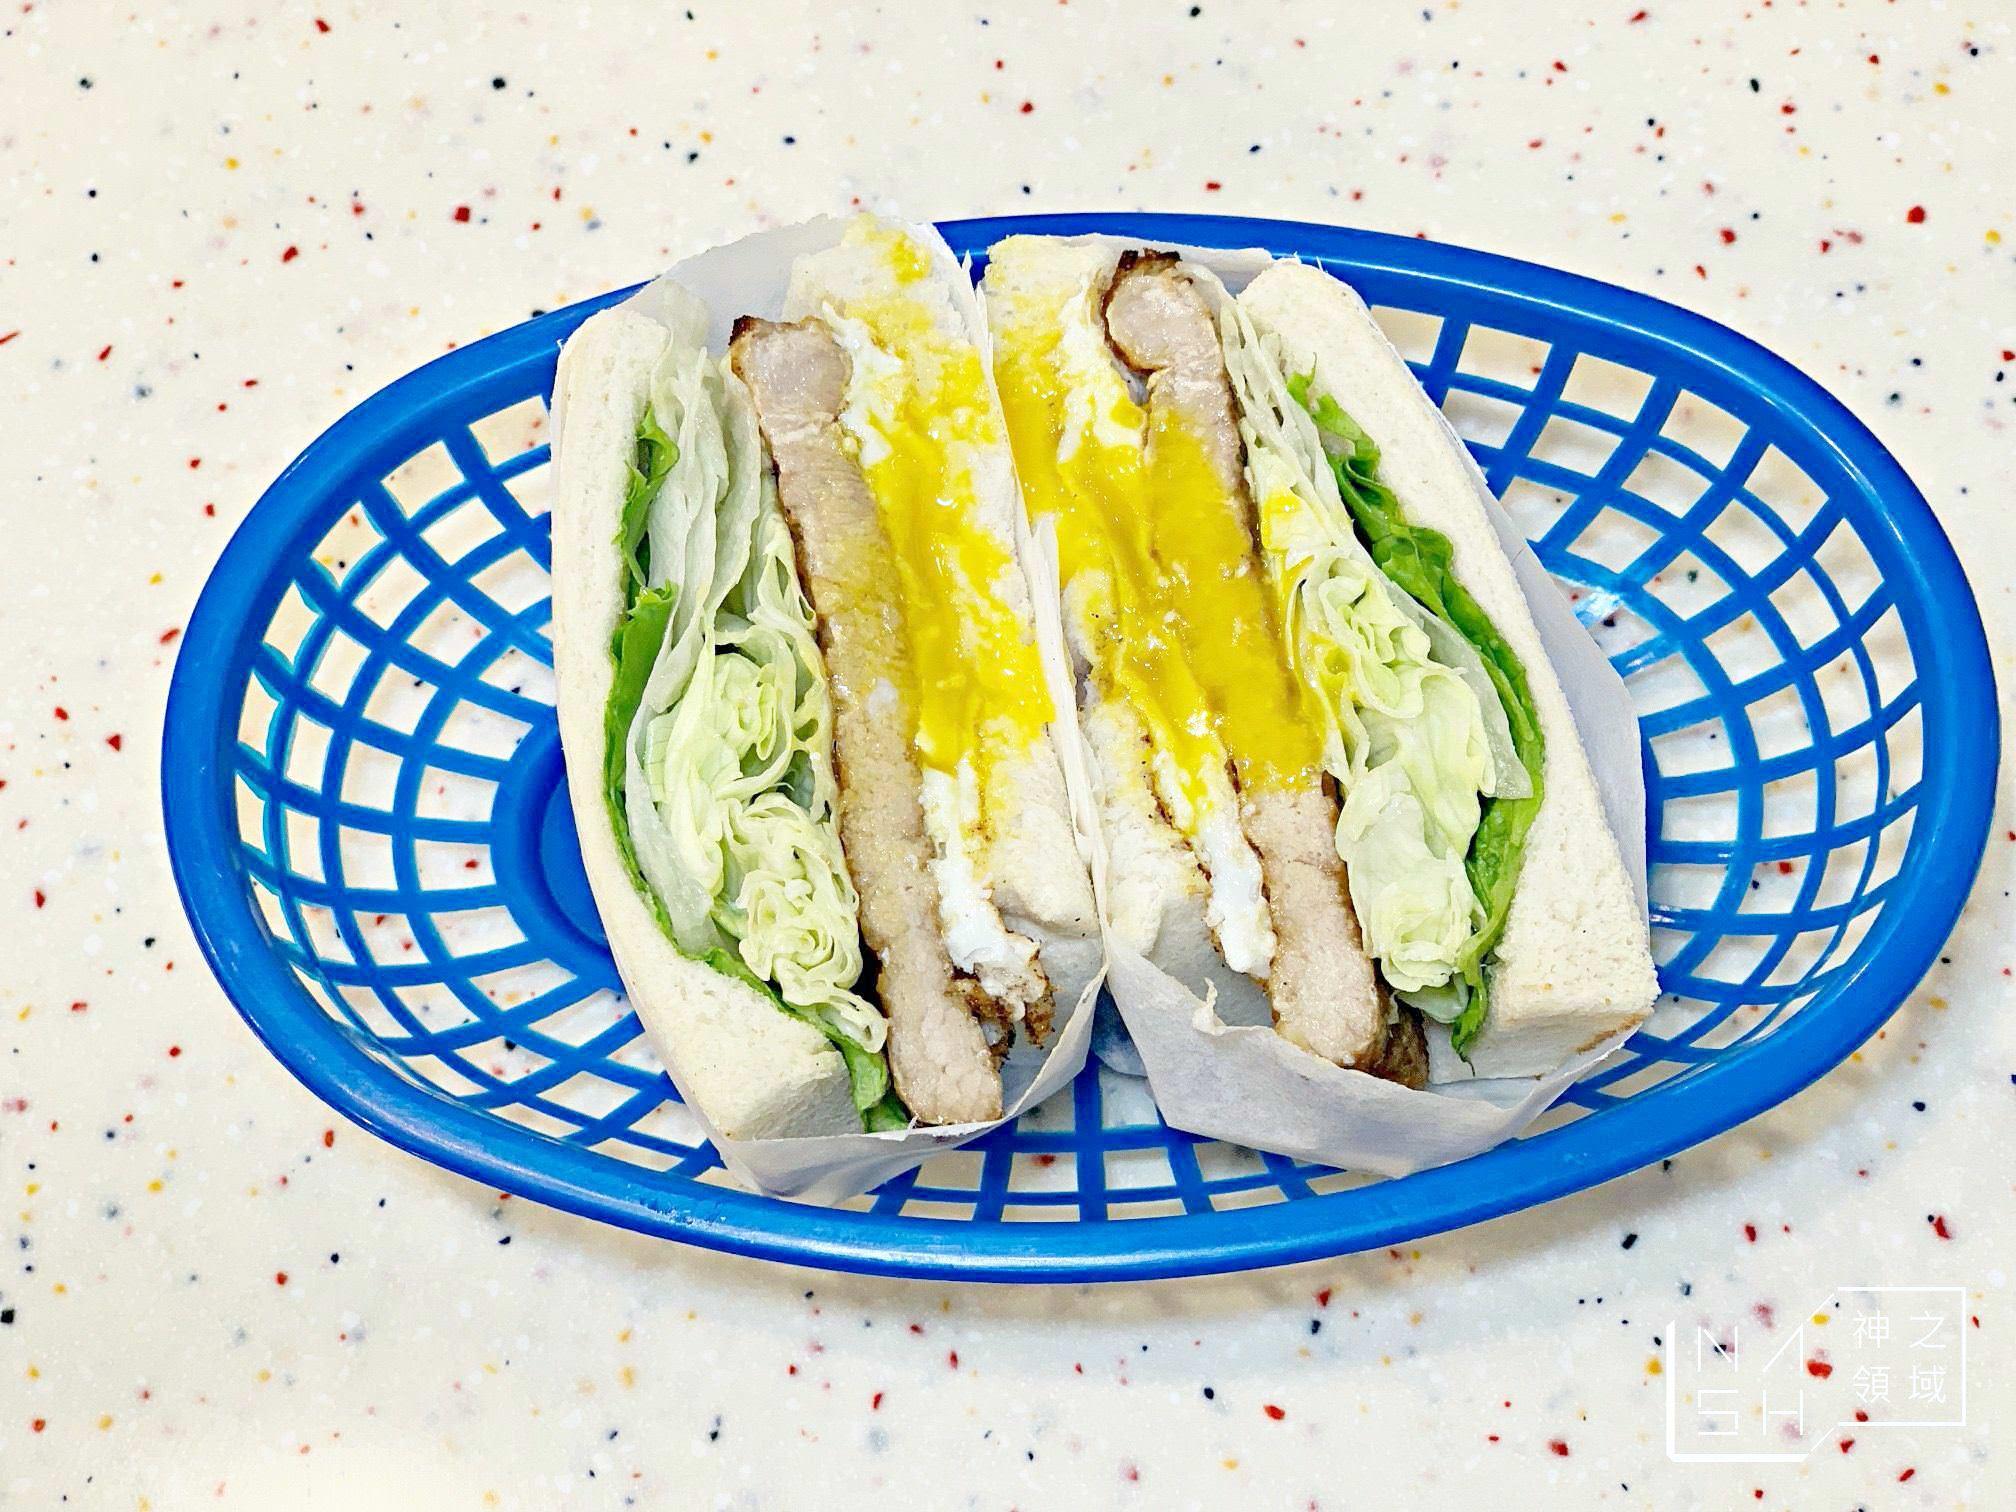 好初早餐,好初早餐菜單,好初早餐價錢,台北早餐,中山早餐,台北早餐懶人包 @Nash,神之領域